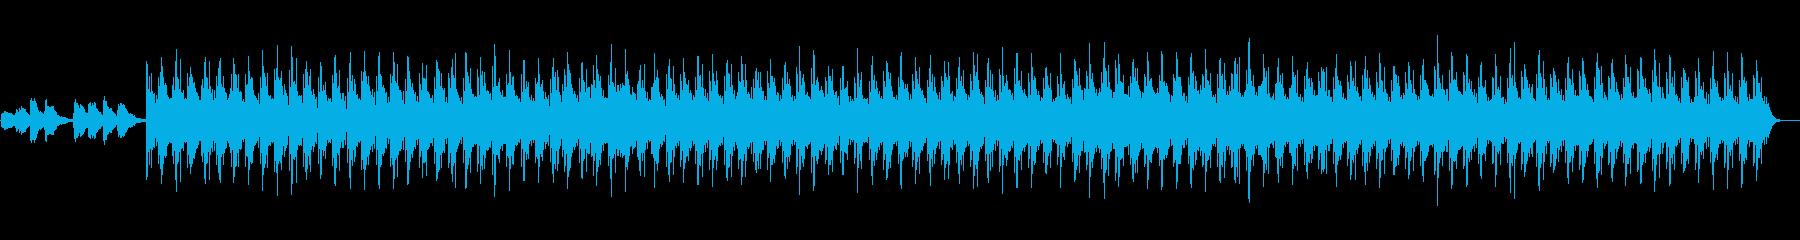 夜 無数のロウソク エレクトロバラードの再生済みの波形